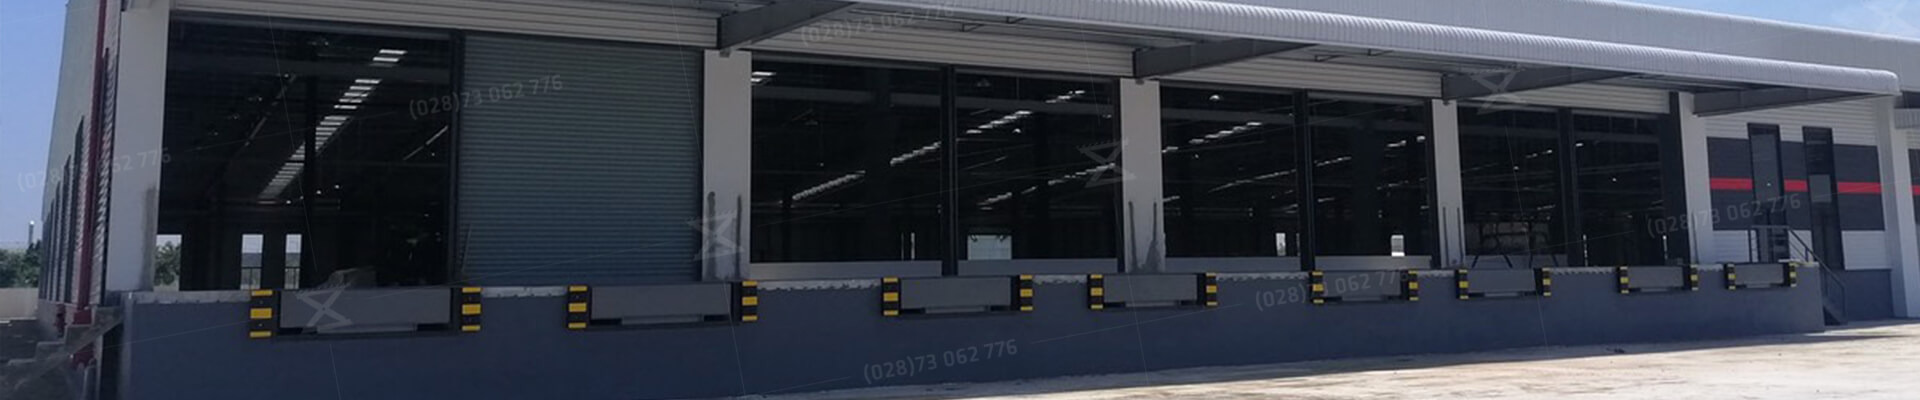 cầu dẫn container - sàn nâng forklift - dock leveler